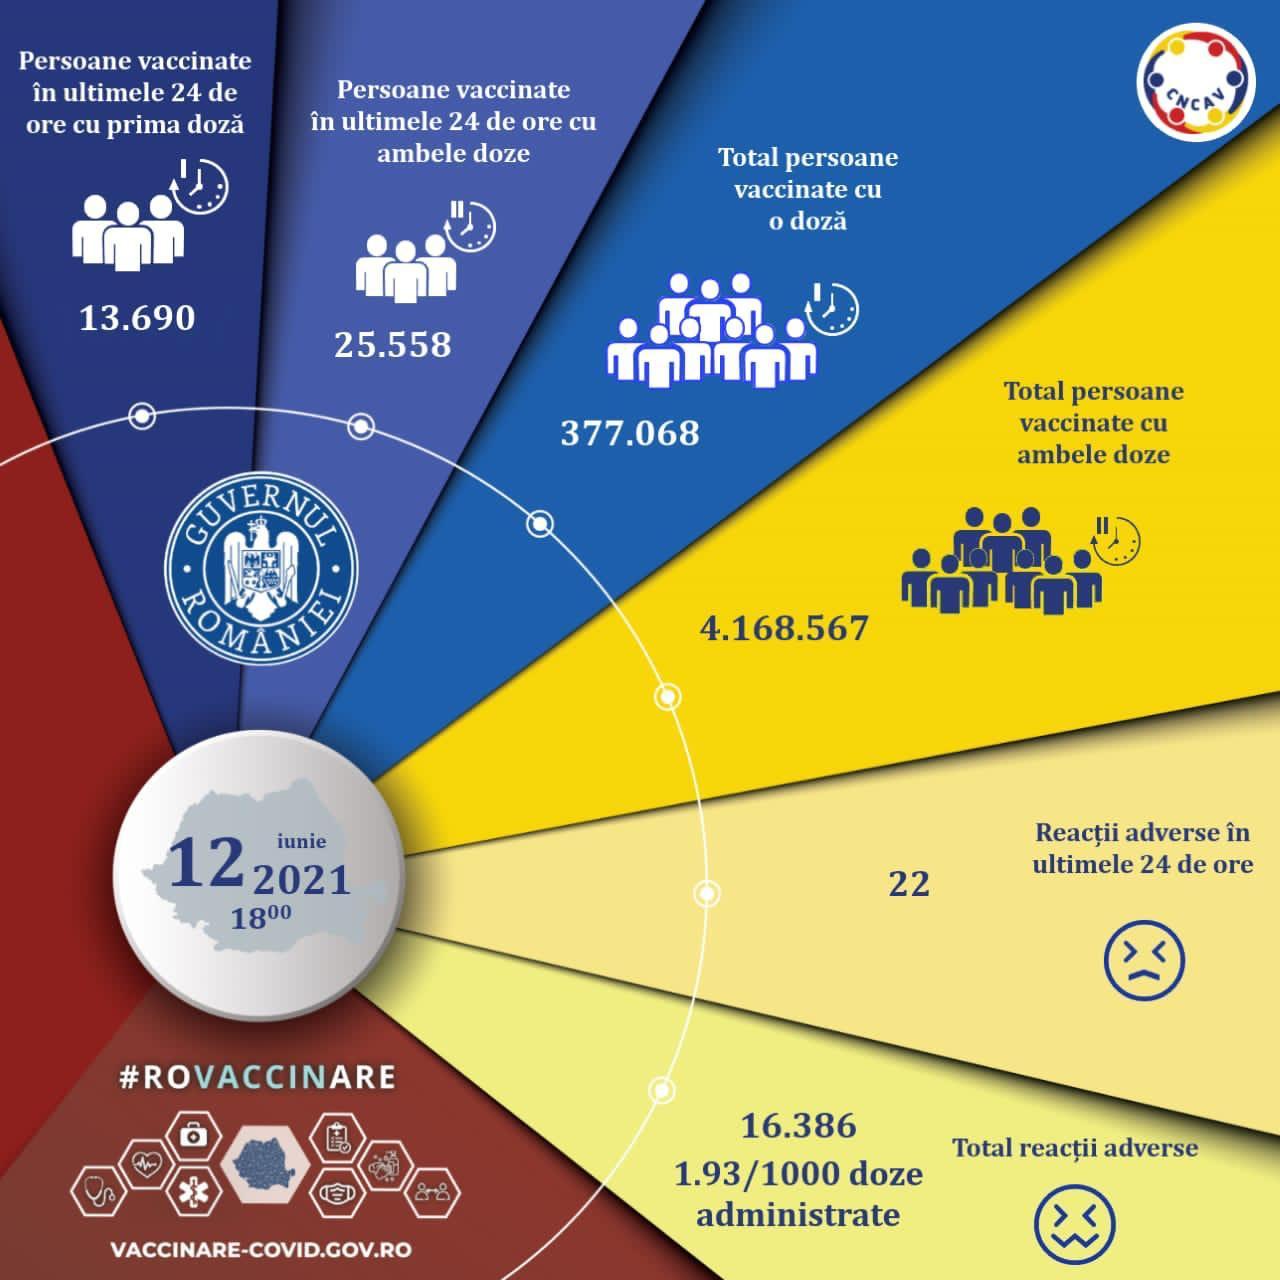 Cifre mici la vaccinare: Sub 40.000 de români s-au imunizat în ultimele 24 de ore. Ce spune premierul